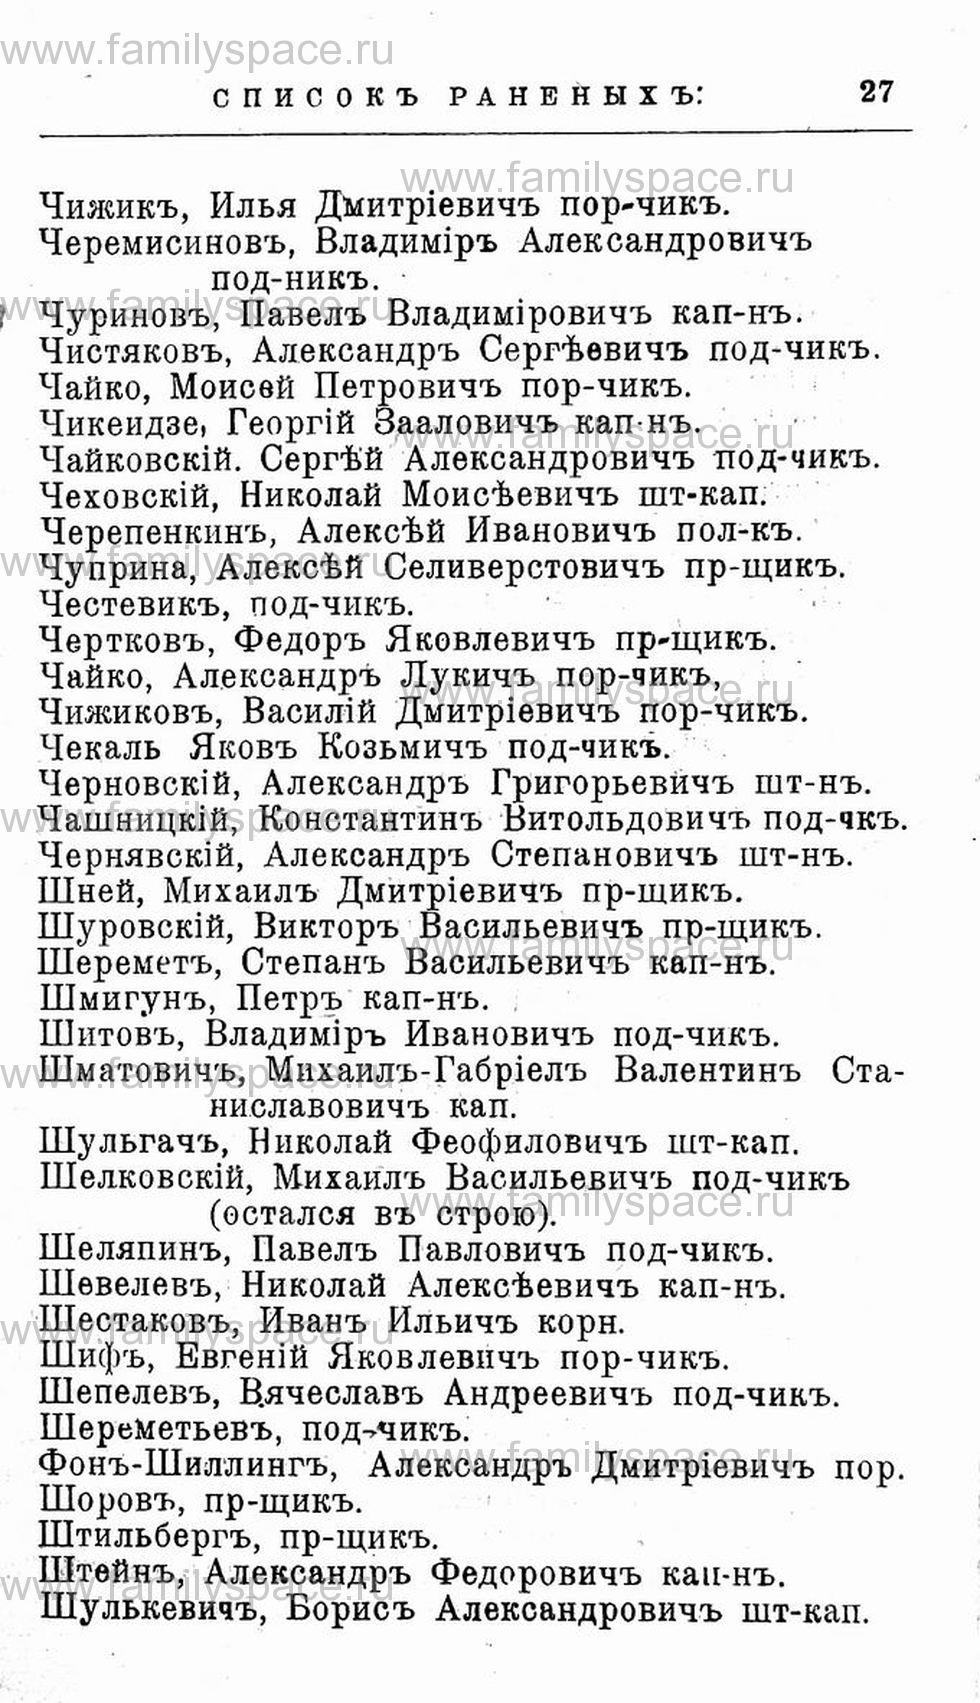 Поиск по фамилии - Первая мировая война - 1914 (списки убитых и раненых), страница 27